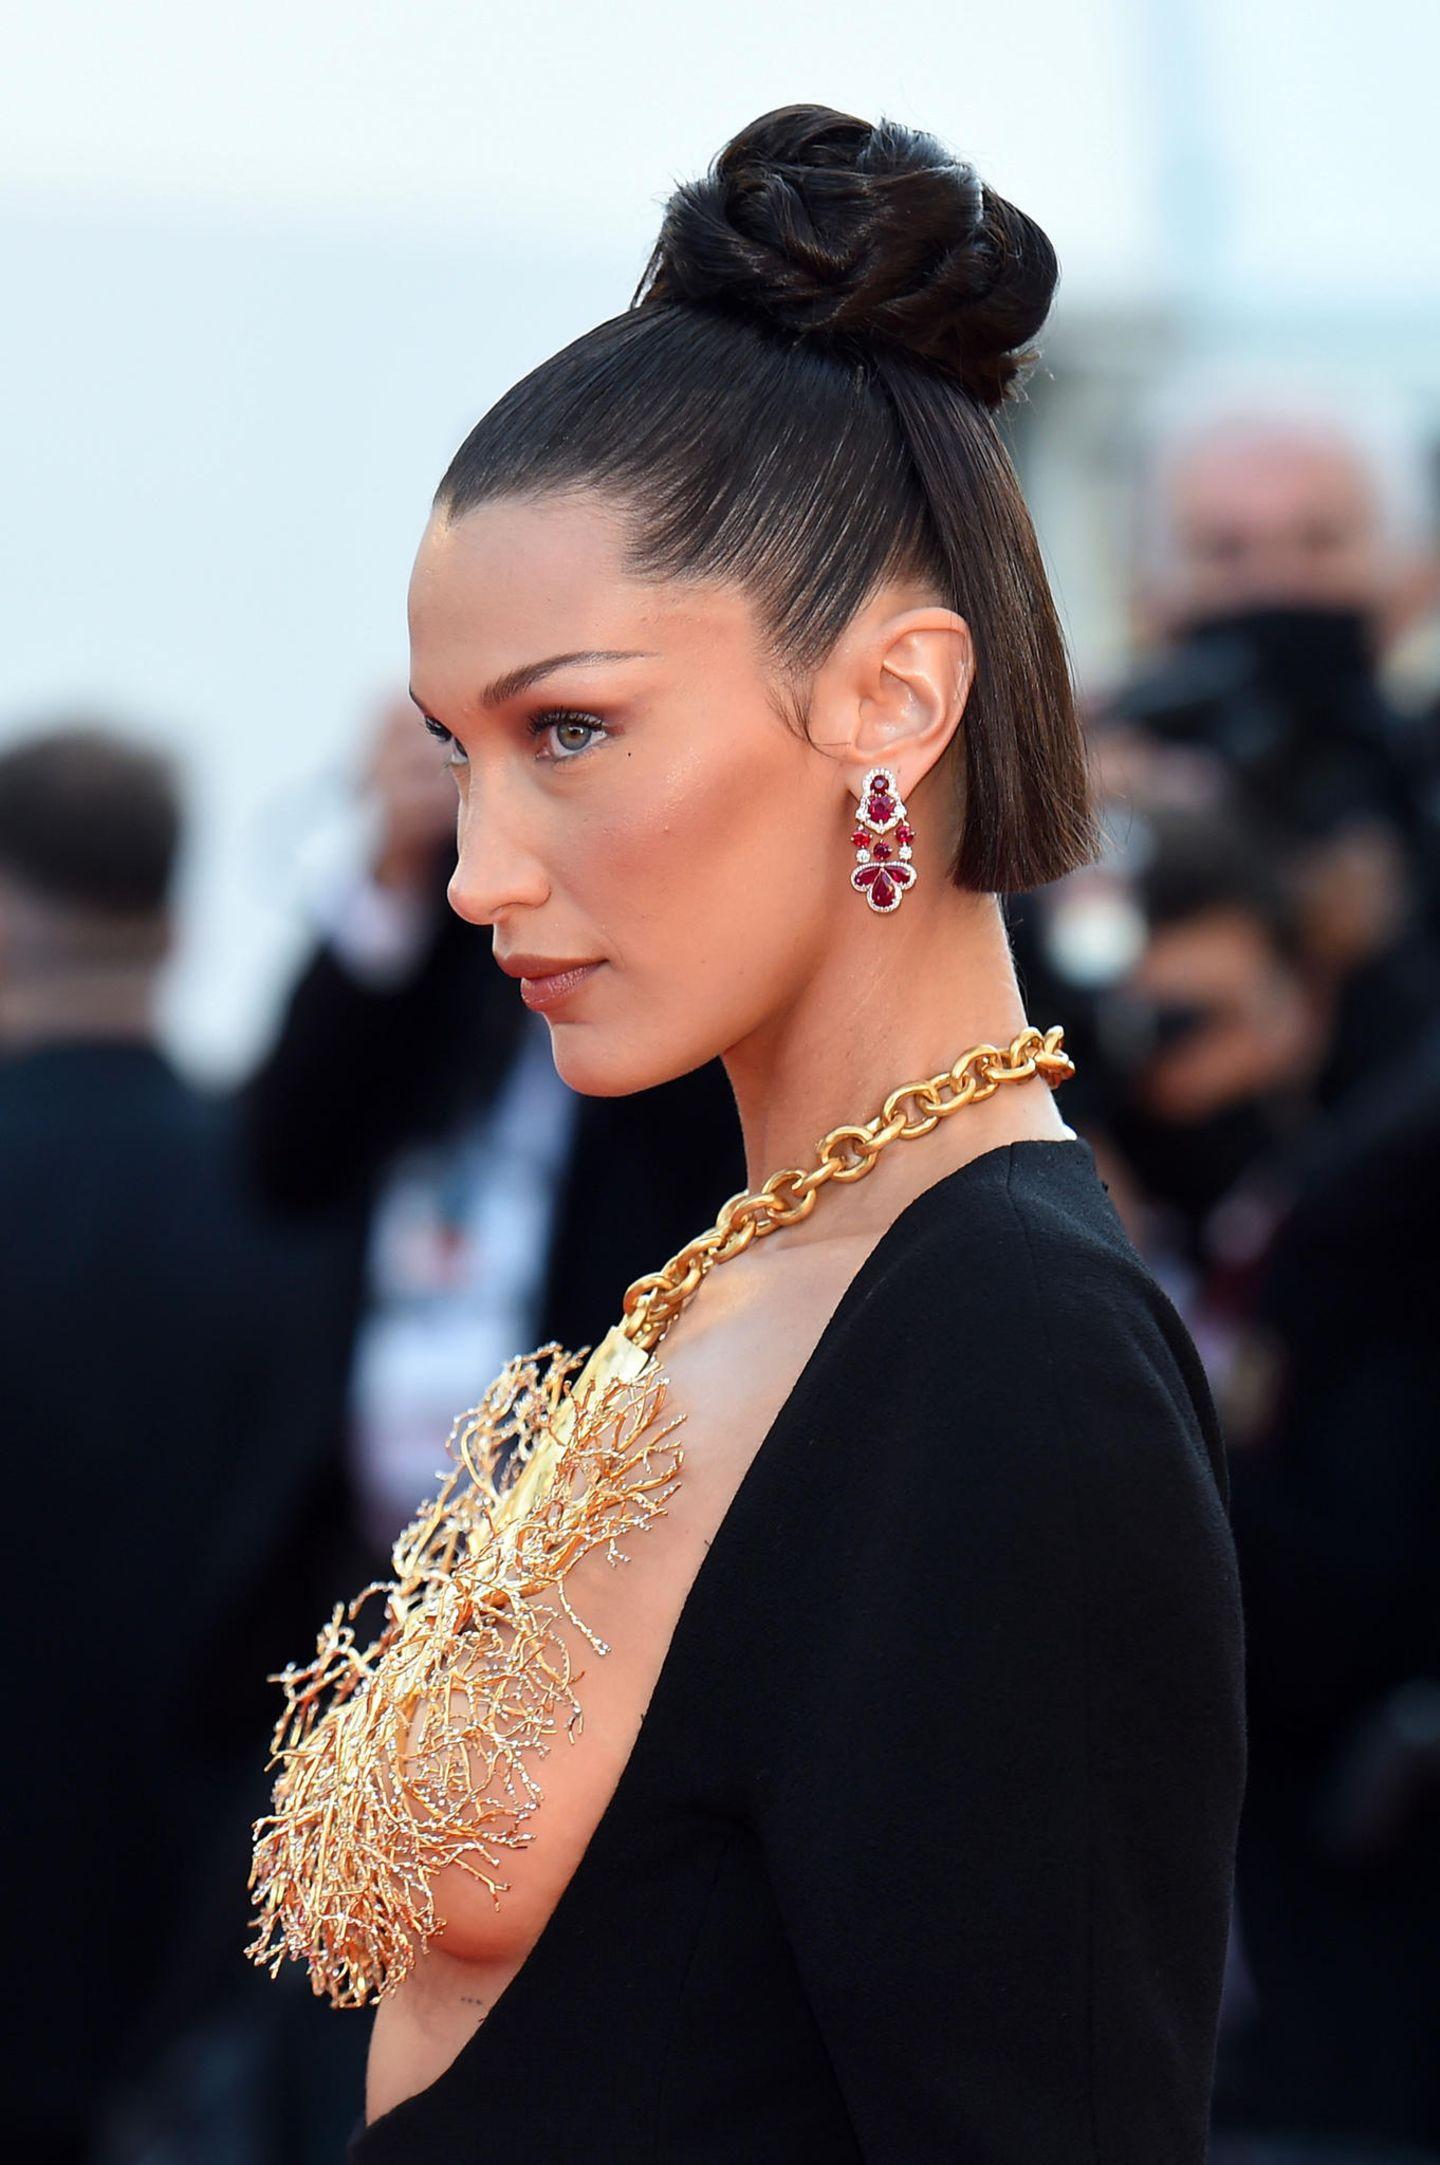 Auch wenn man bei diesem Look die Augen kaum vom XXL-Dekolleté mit Kette abwenden kann, begeistert Topmodel Bella Hadid mit perfekt konturierten Wangenknochen und einer grafischen Frisur.